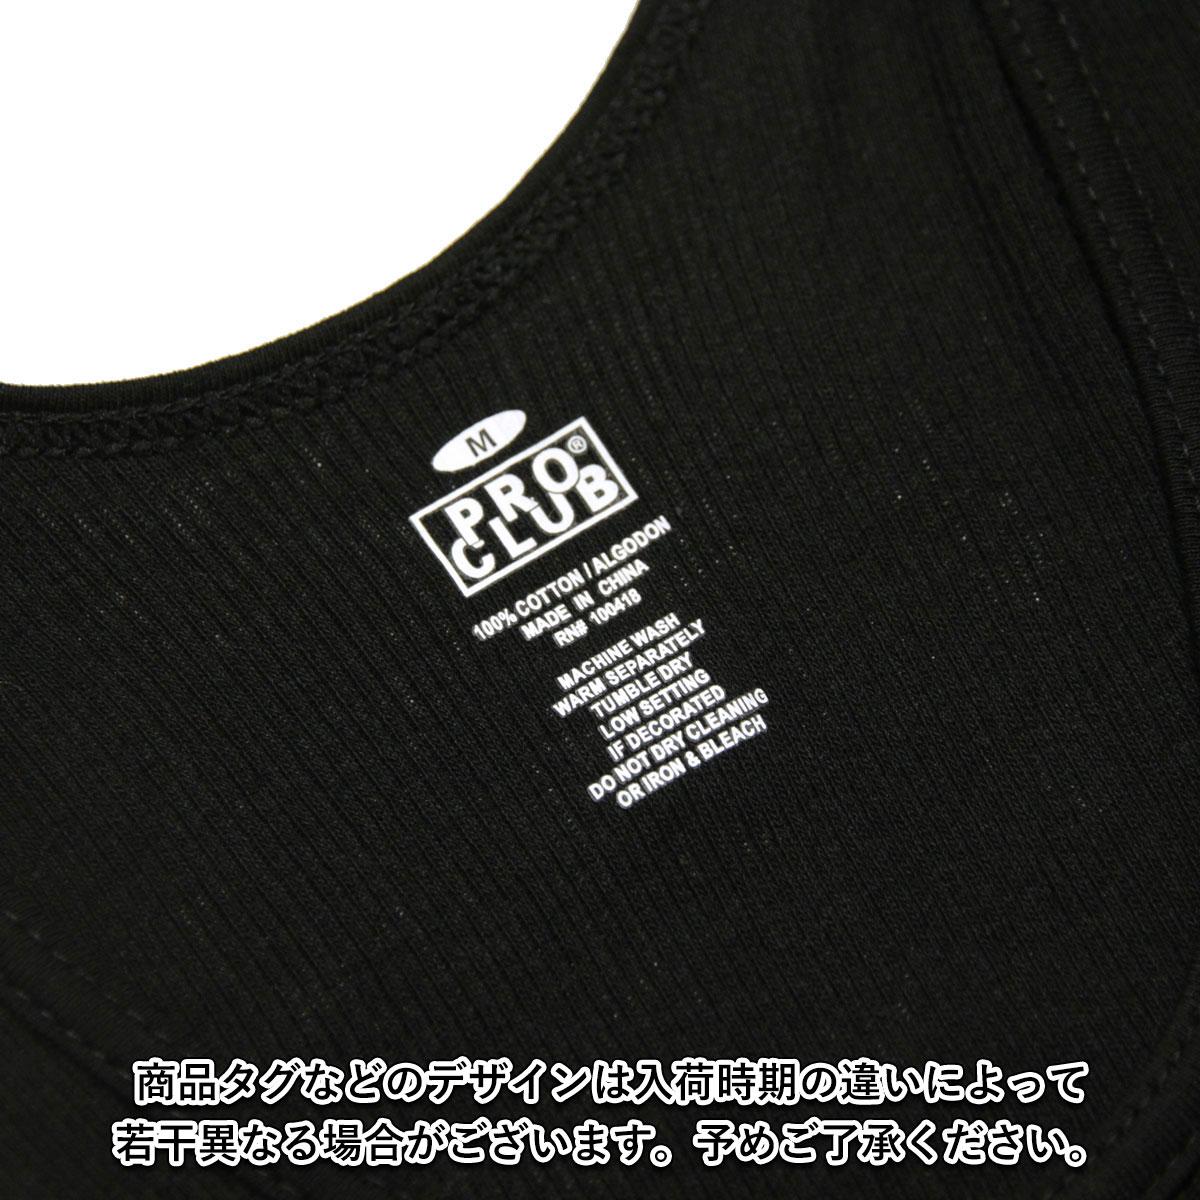 プロクラブ タンクトップ メンズ 正規販売店 PROCLUB アンダーウェア 下着 タンクトップ PREMIUM RINGSPUN COTTON RIBBED A-SHIRT BLACK #112 AB6B B1C C7D D3E E13F